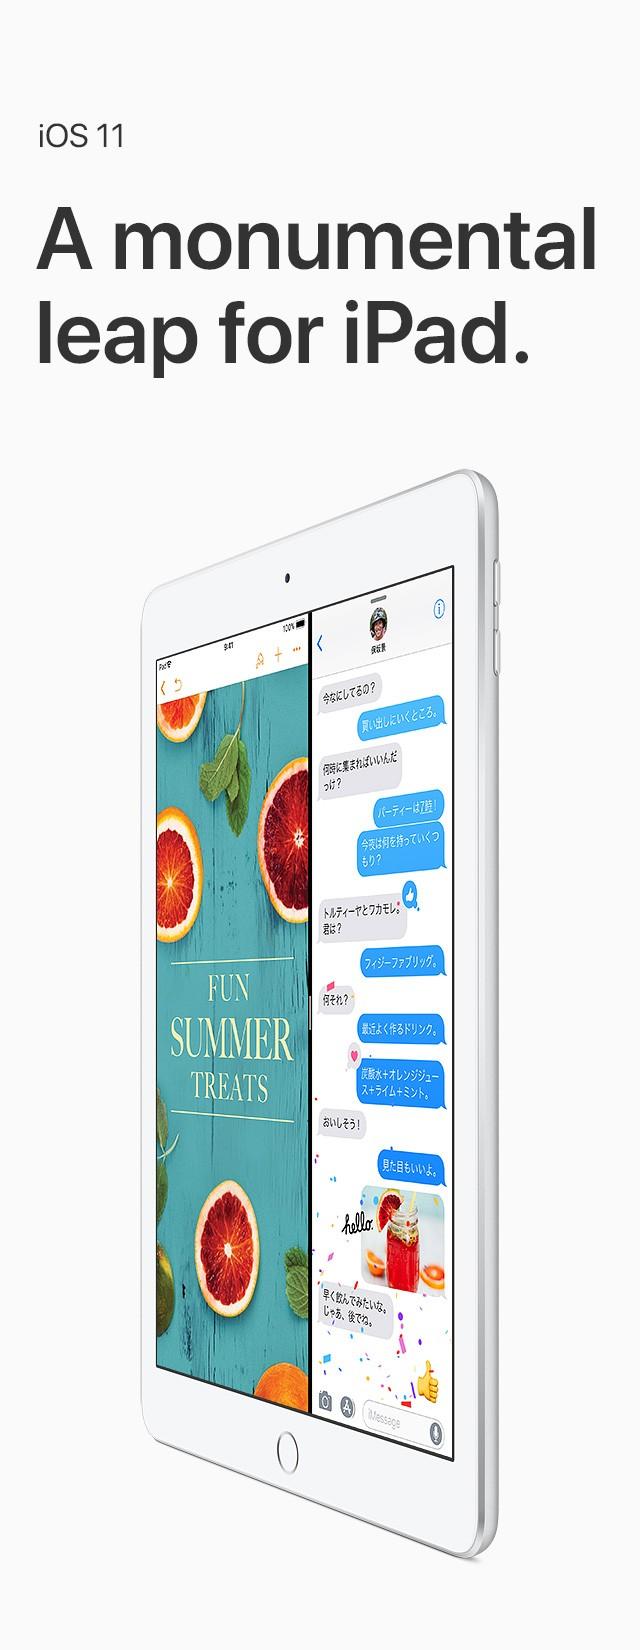 iOS 11 A monumental leap for iPad.